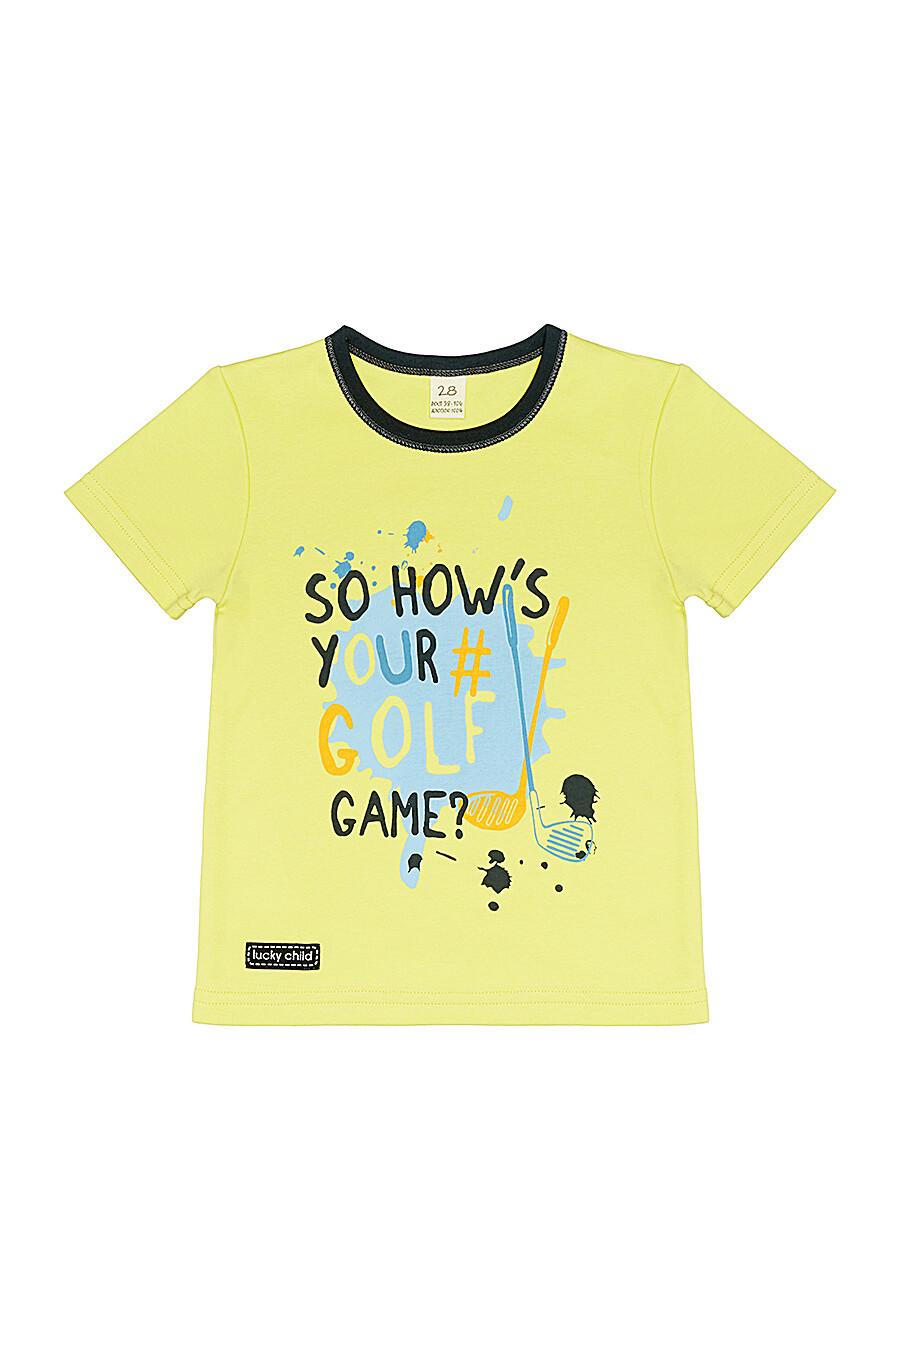 Футболка для мальчиков LUCKY CHILD 184643 купить оптом от производителя. Совместная покупка детской одежды в OptMoyo